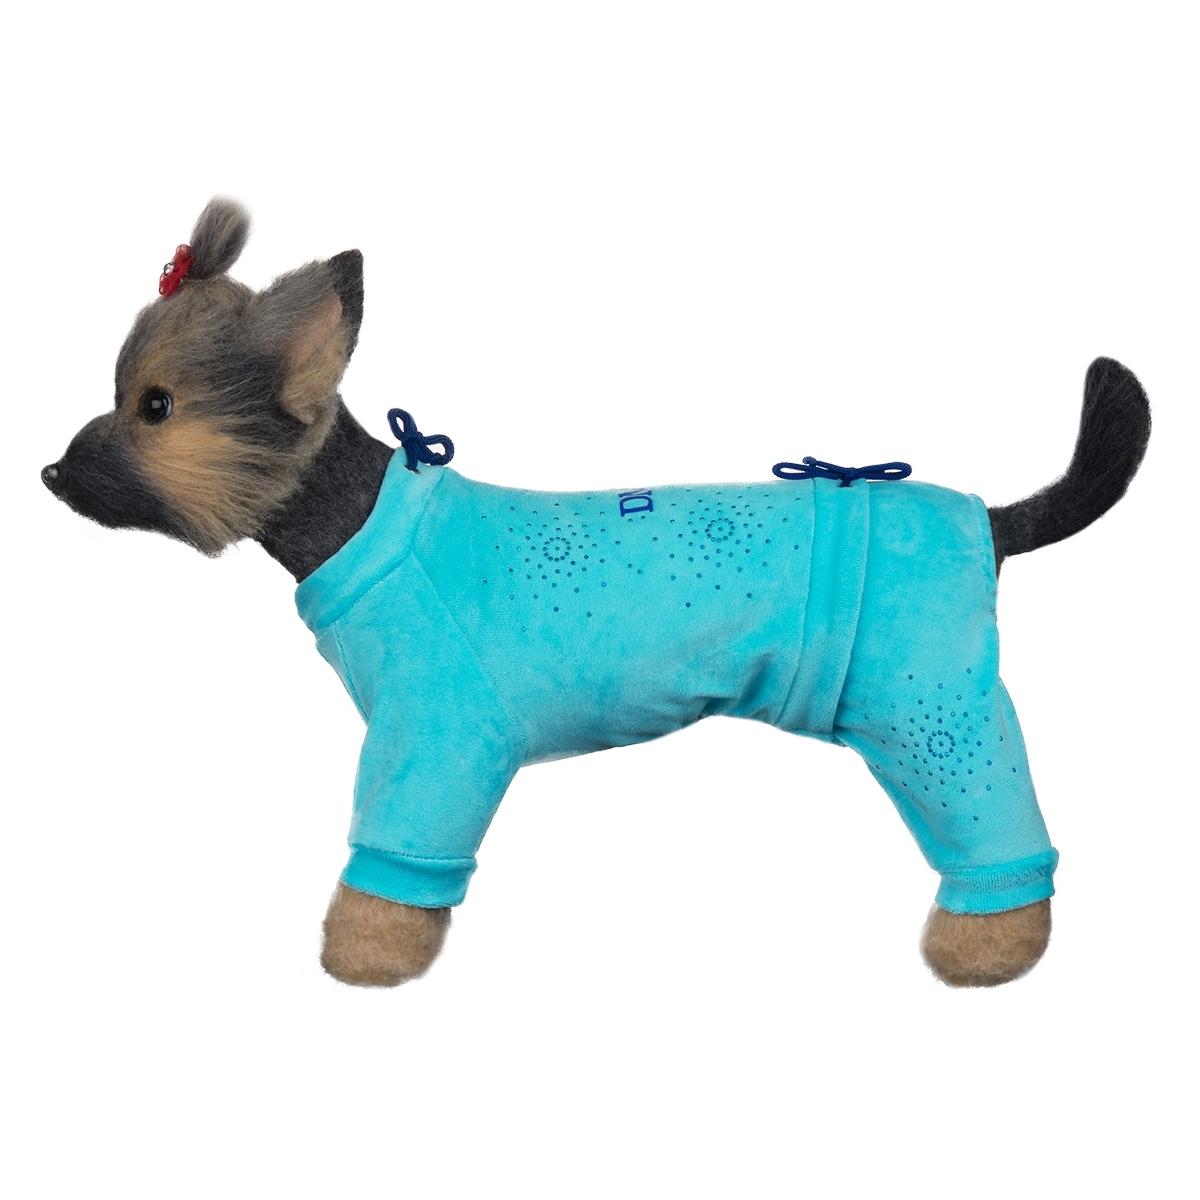 Dogmoda Комбинезон для собак велюровый Галактика-3 (голубой)DM-160107-3Красивый и уютный велюровый комбинезон модного цвета, украшен стразами. Две затяжки - на шее и животе, позволят этому комбинезону идеально сидеть на собаке любого телосложения.